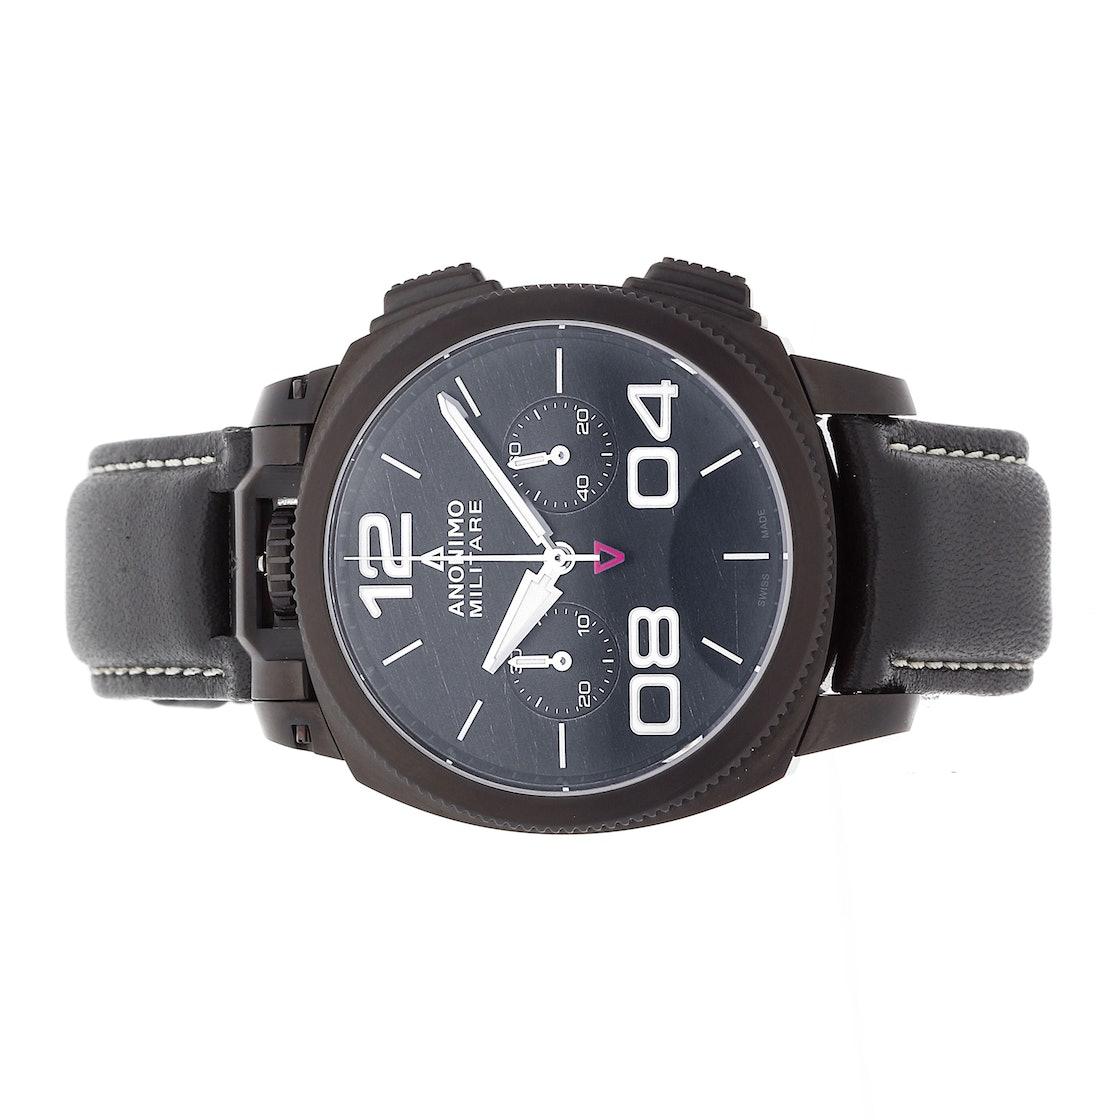 Anonimo Militare Chronograph AM-1120.02.001.A01